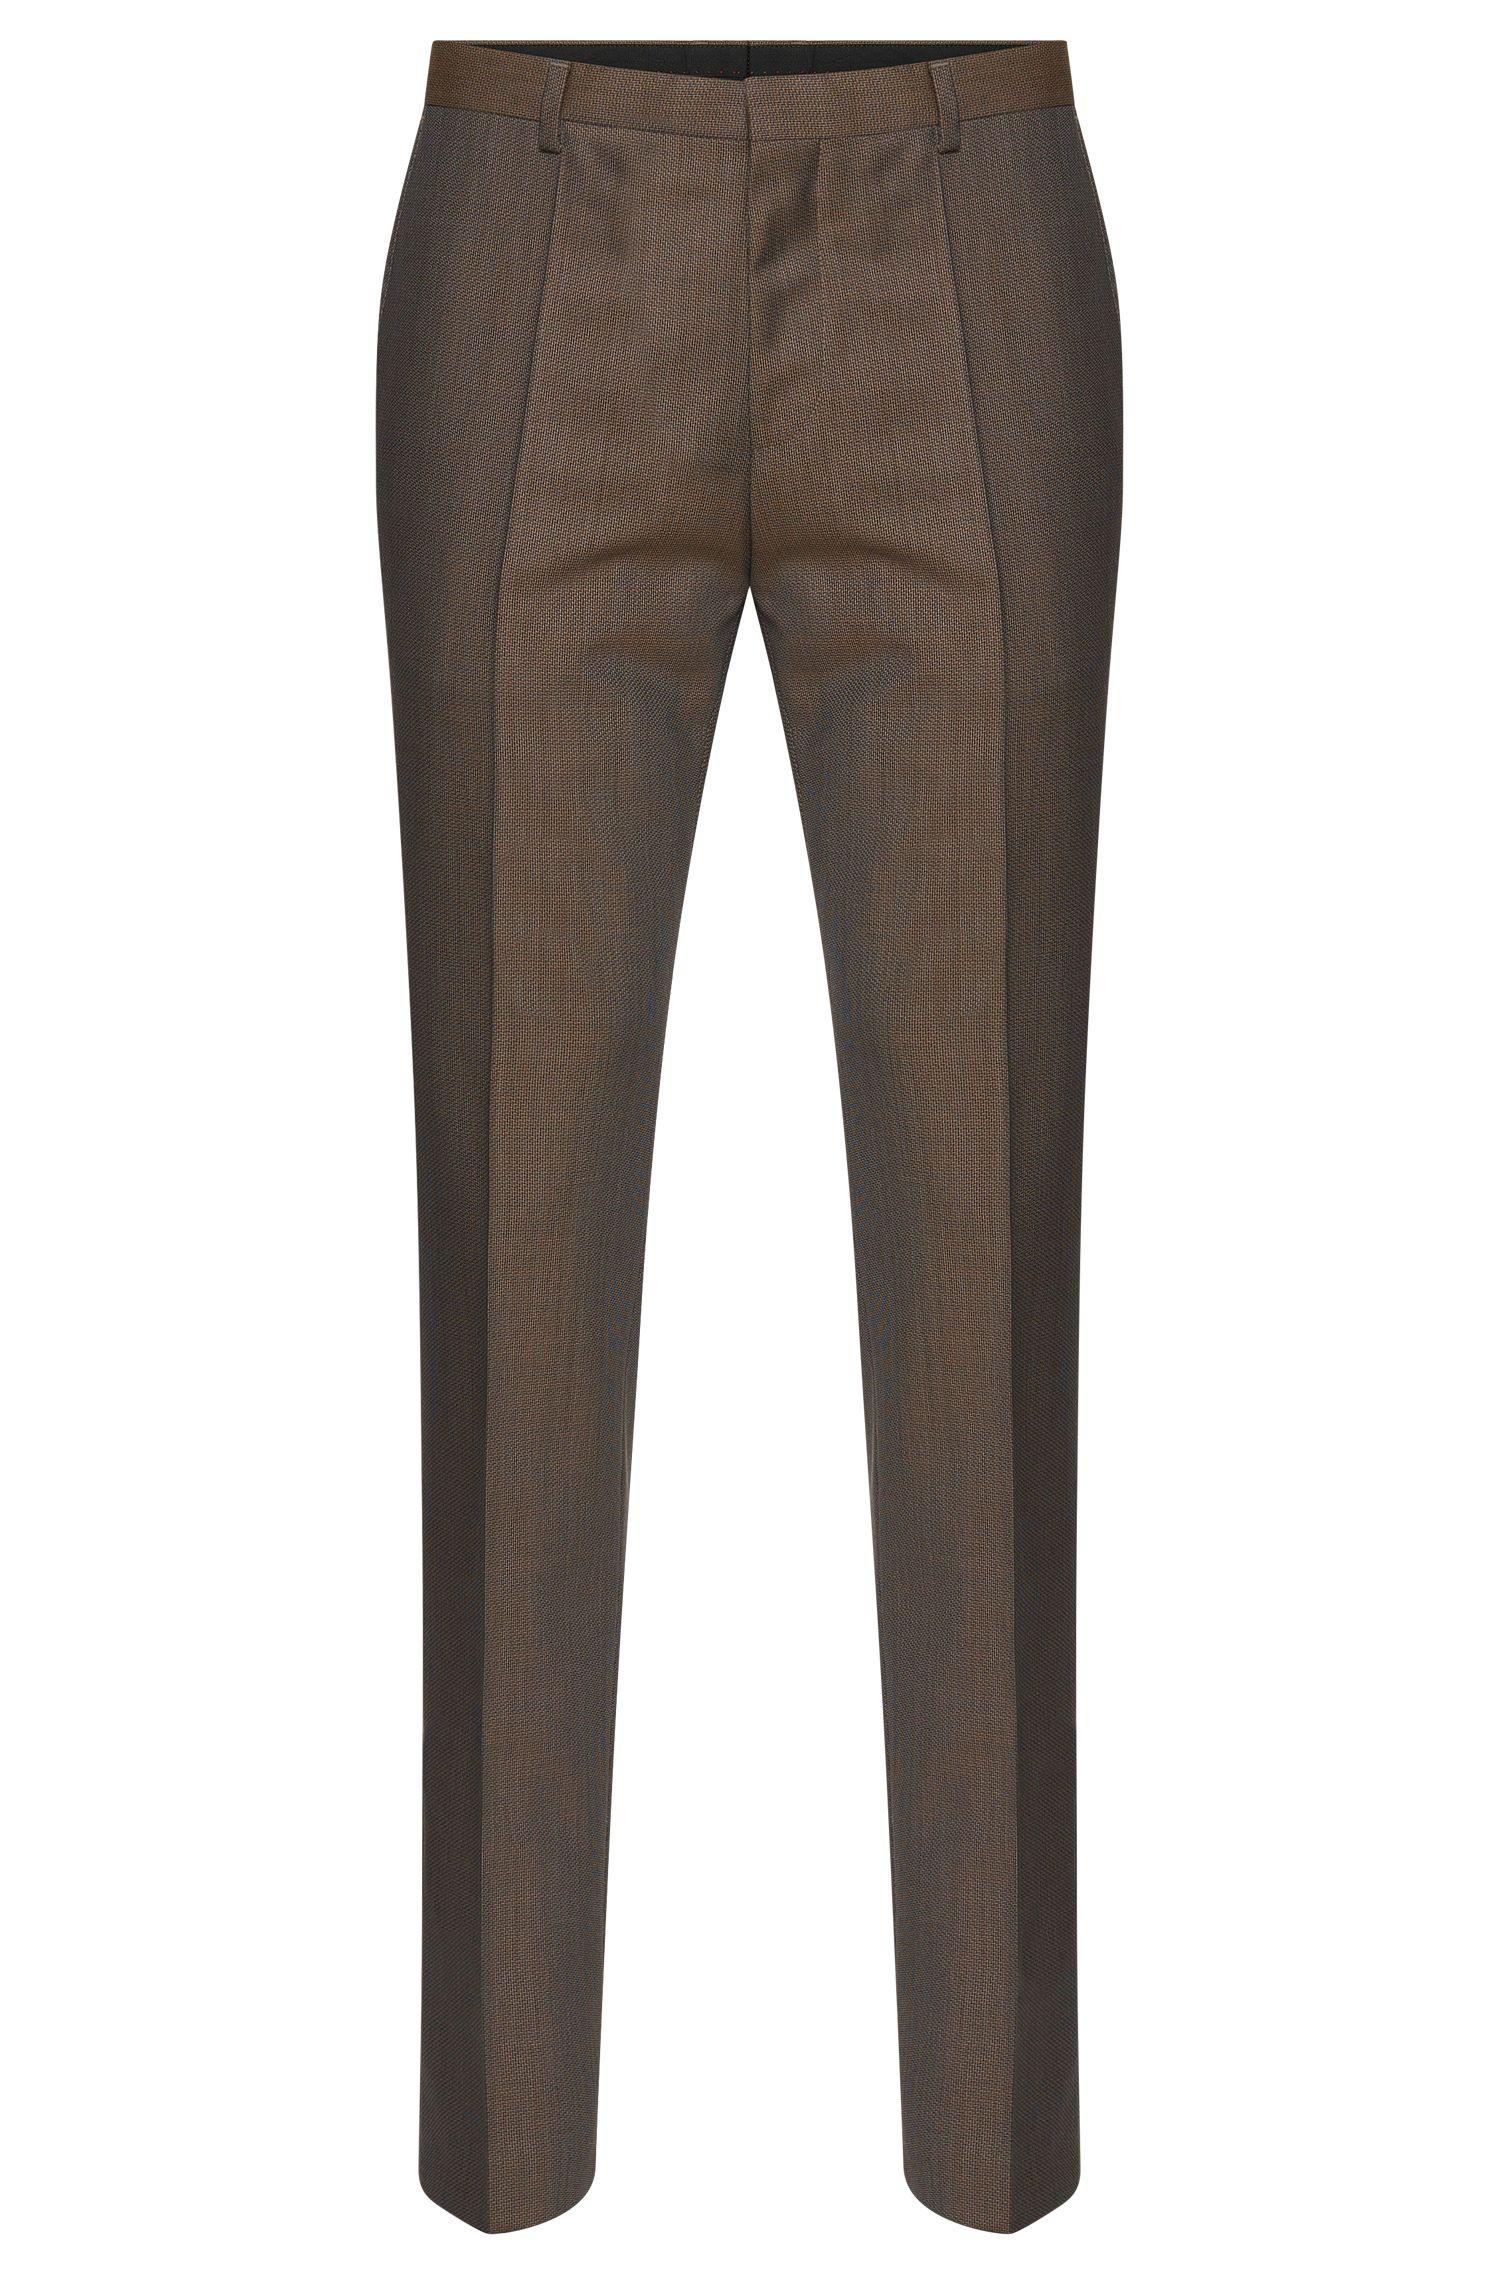 'Hets' | Slim Fit, Virgin Wool Patterned Dress Pants